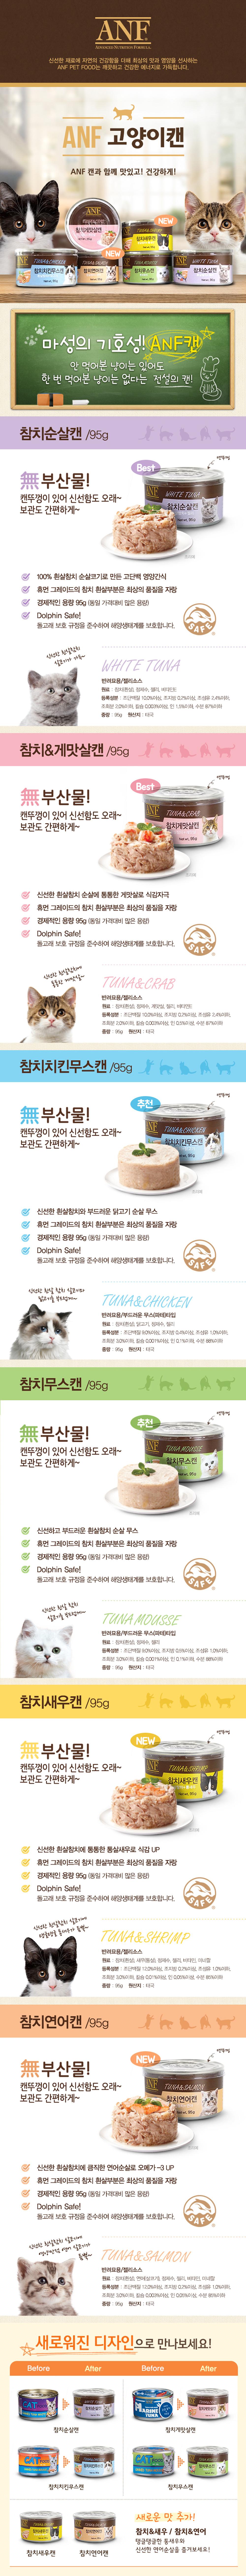 ANF 참치연어 고양이캔 95g x 12개 - 스토어봄, 16,800원, 간식/캣닢, 캔